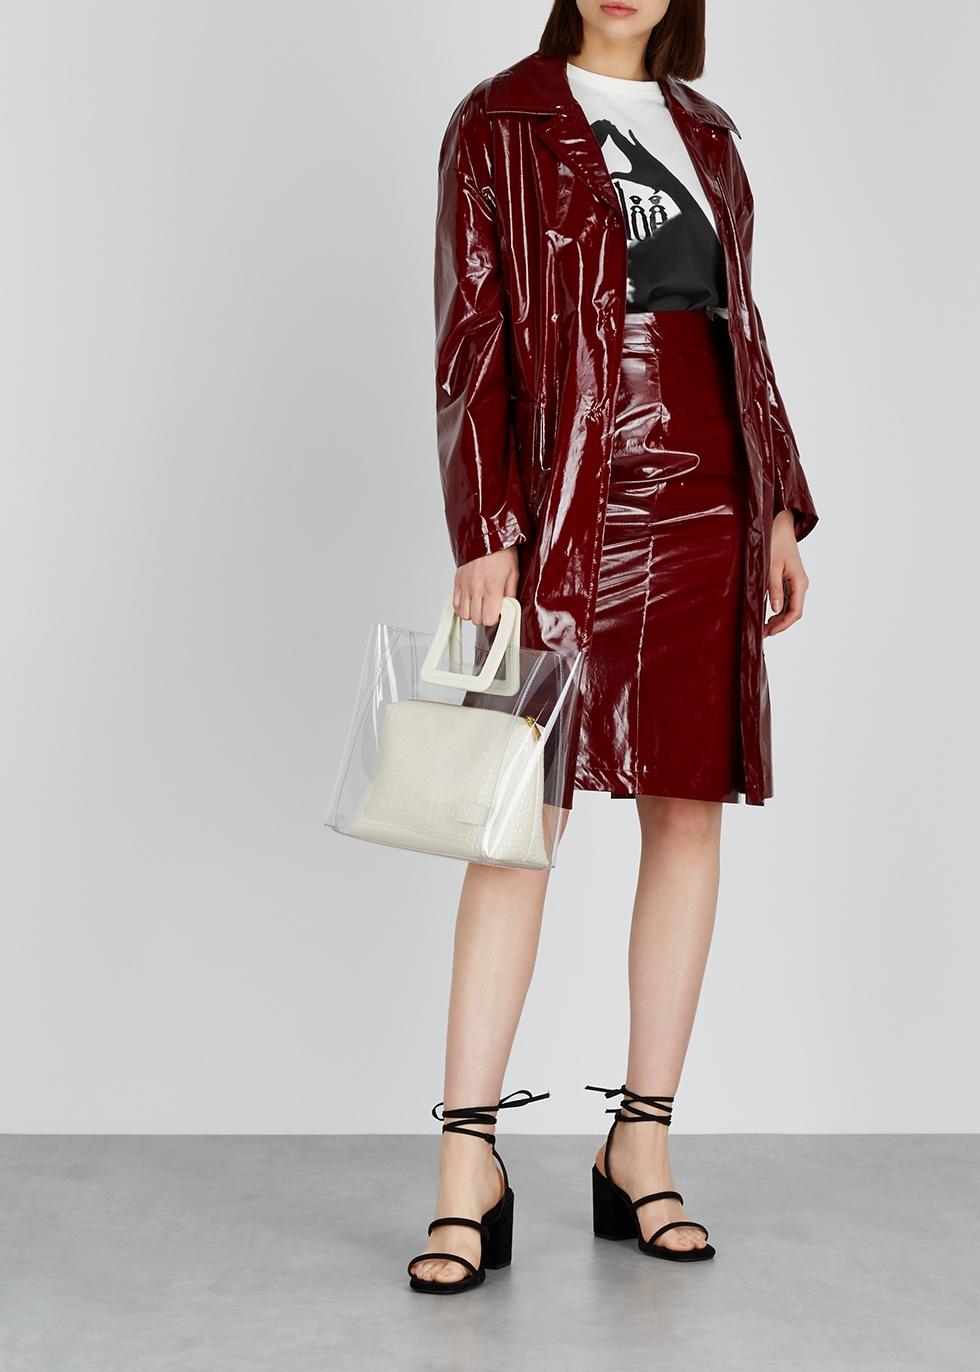 3f74acac359 Designer Coats - Women s Winter Coats - Harvey Nichols